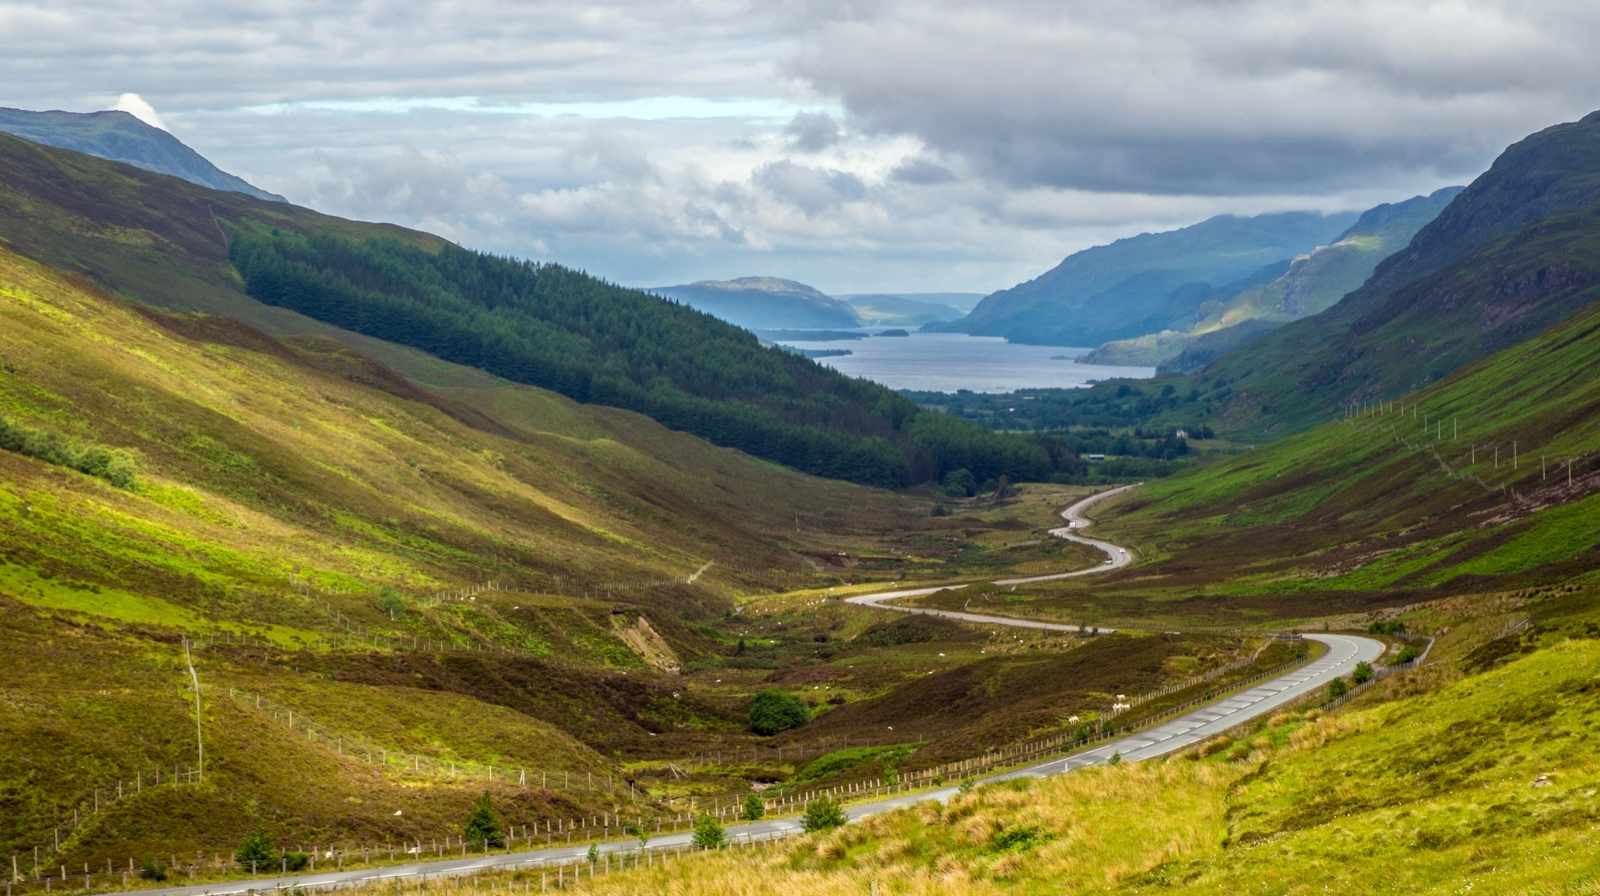 Glen Docherty, Scotland